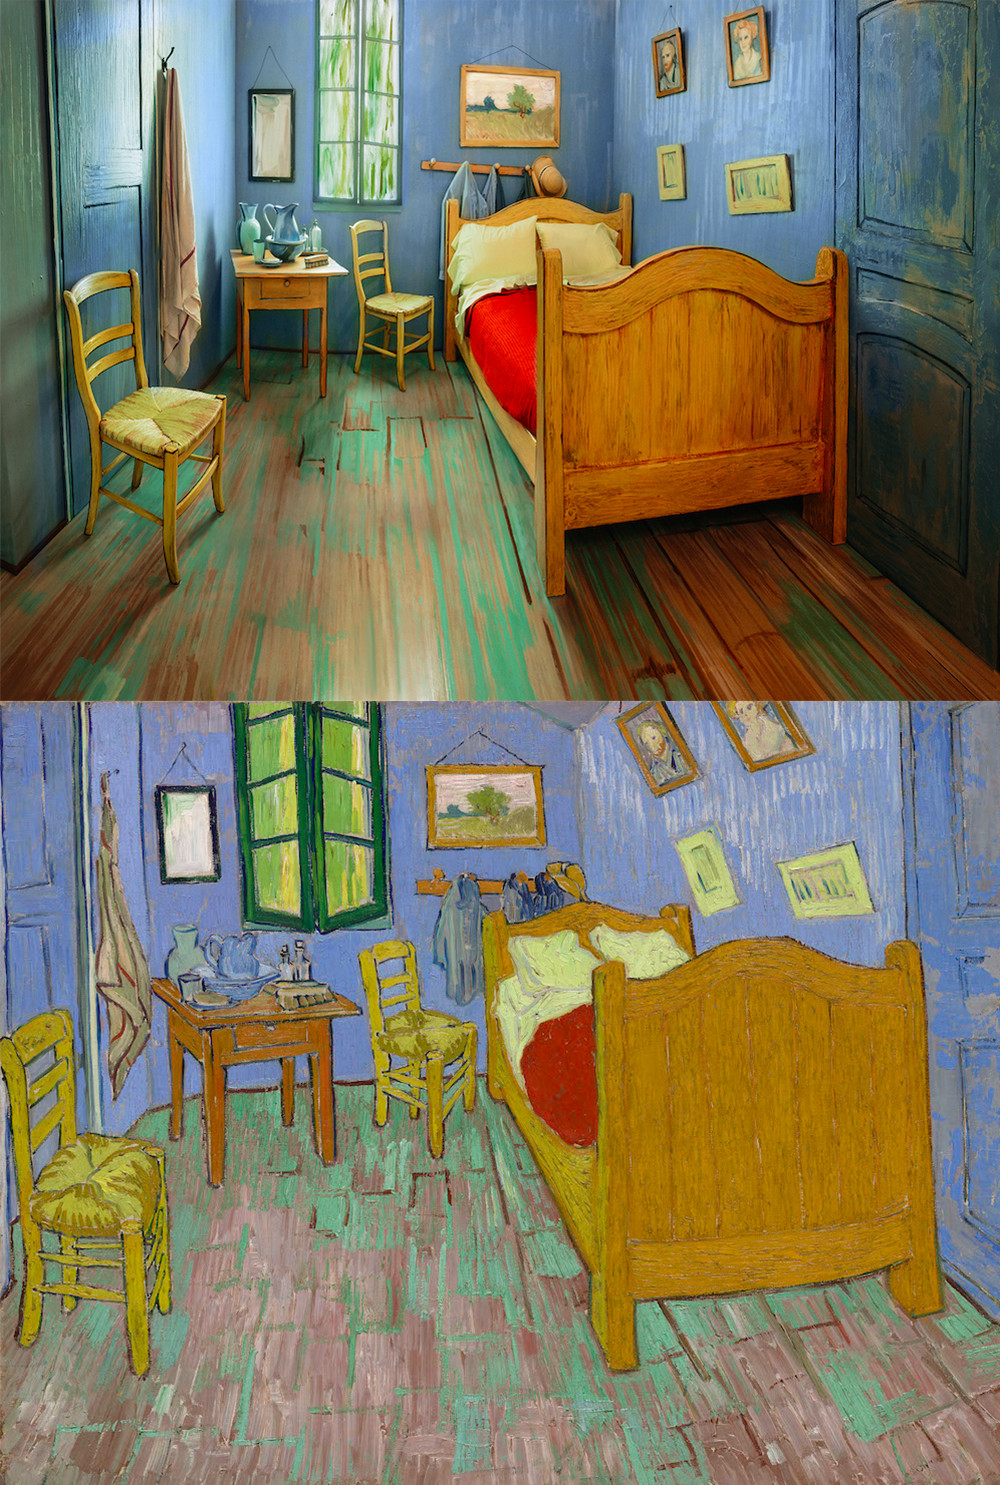 Комната, созданная Институтом Чикаго по образу и подобию «Спальни в Арле», находится за пределами му